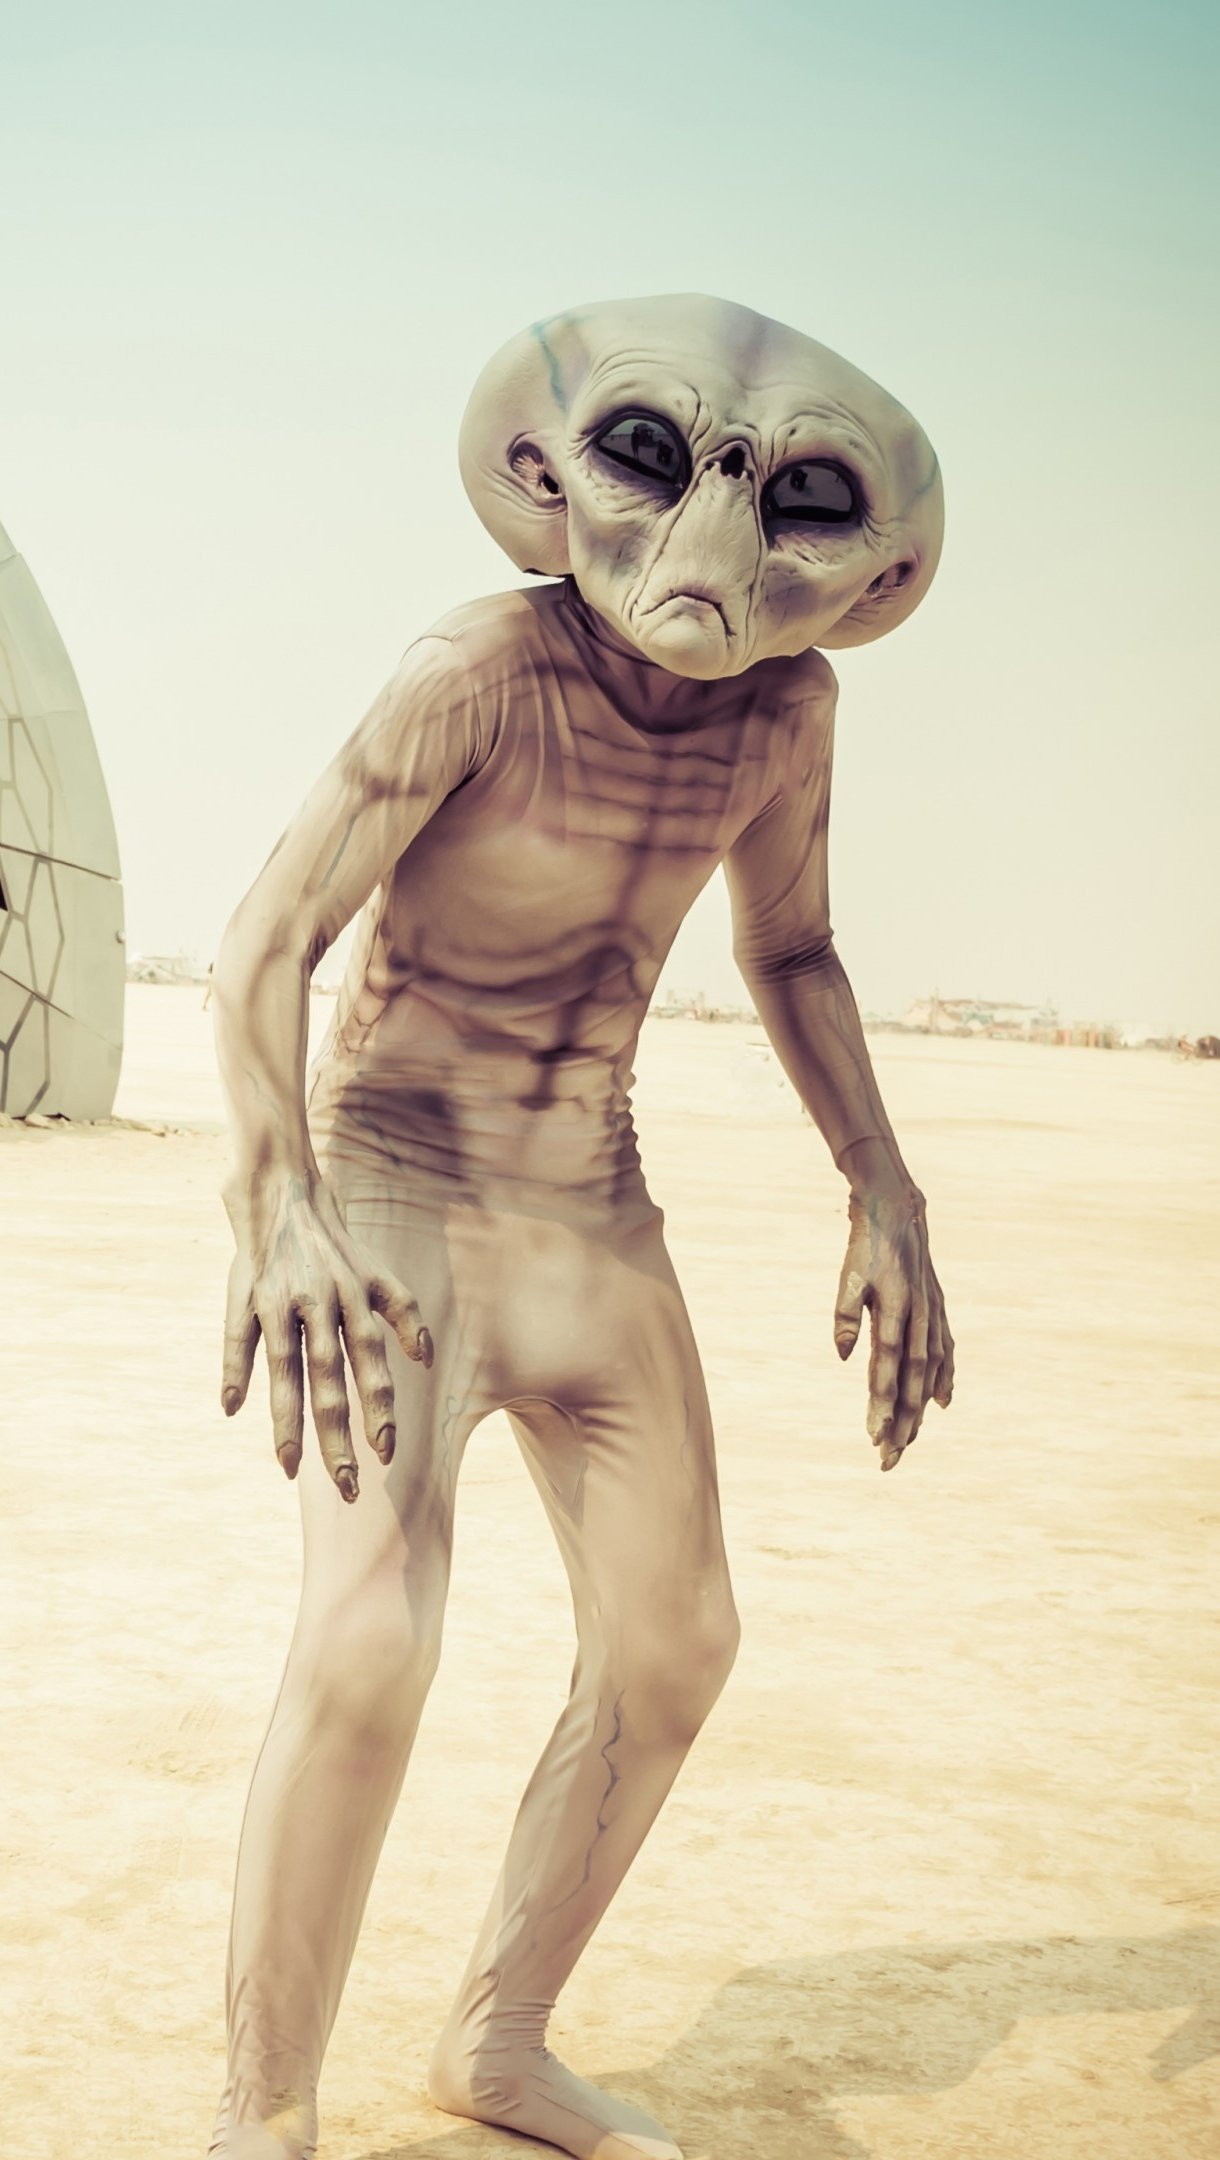 Wallpaper Alien in Nevada Vertical